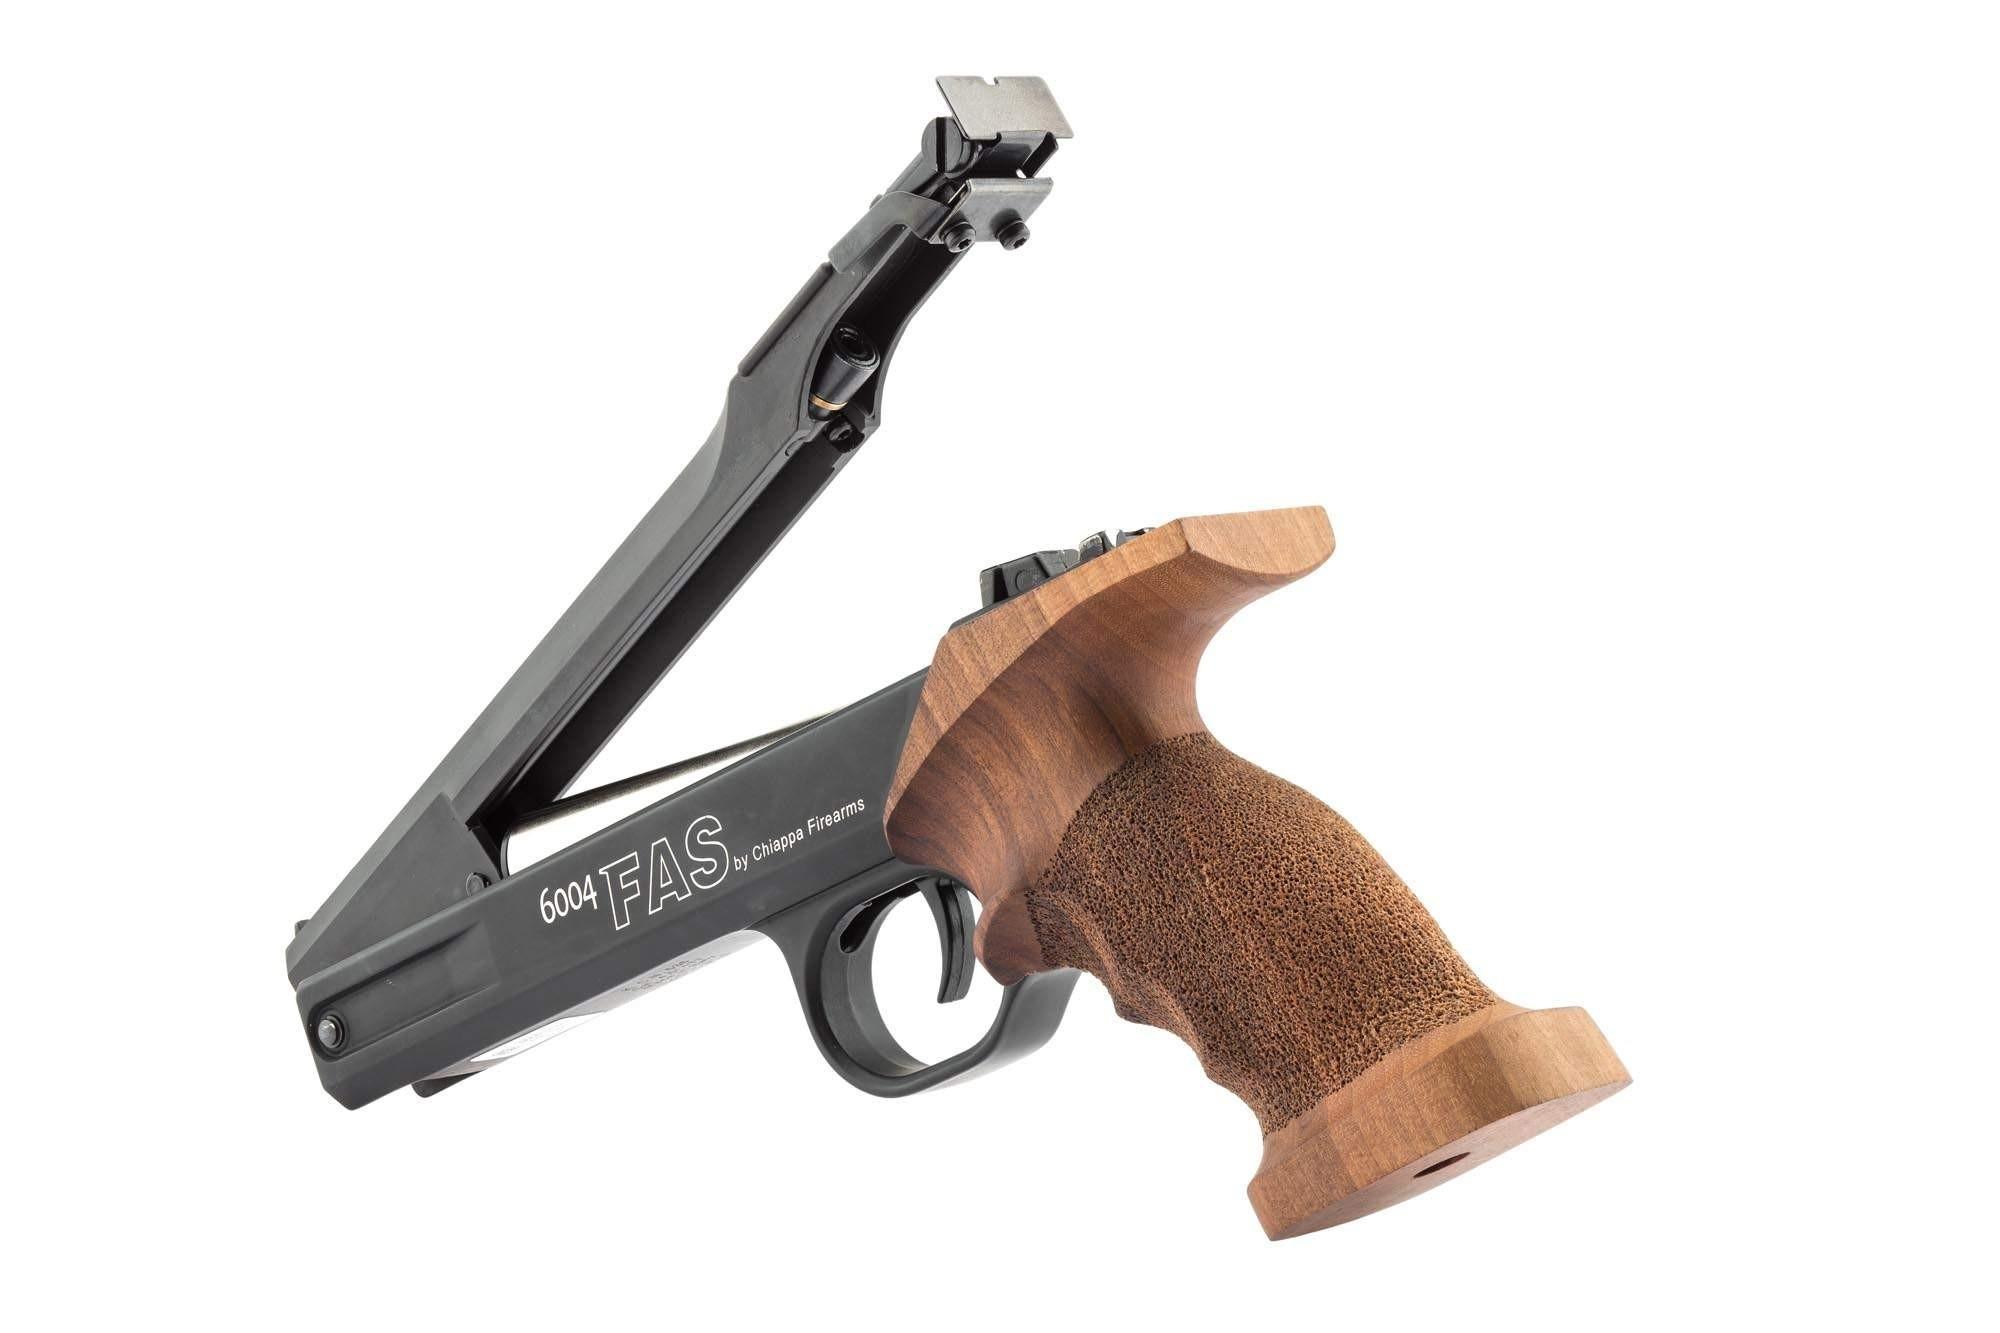 Pistolet match chiappa air comprim fas6004 pistolets - Pistolet air comprime ...